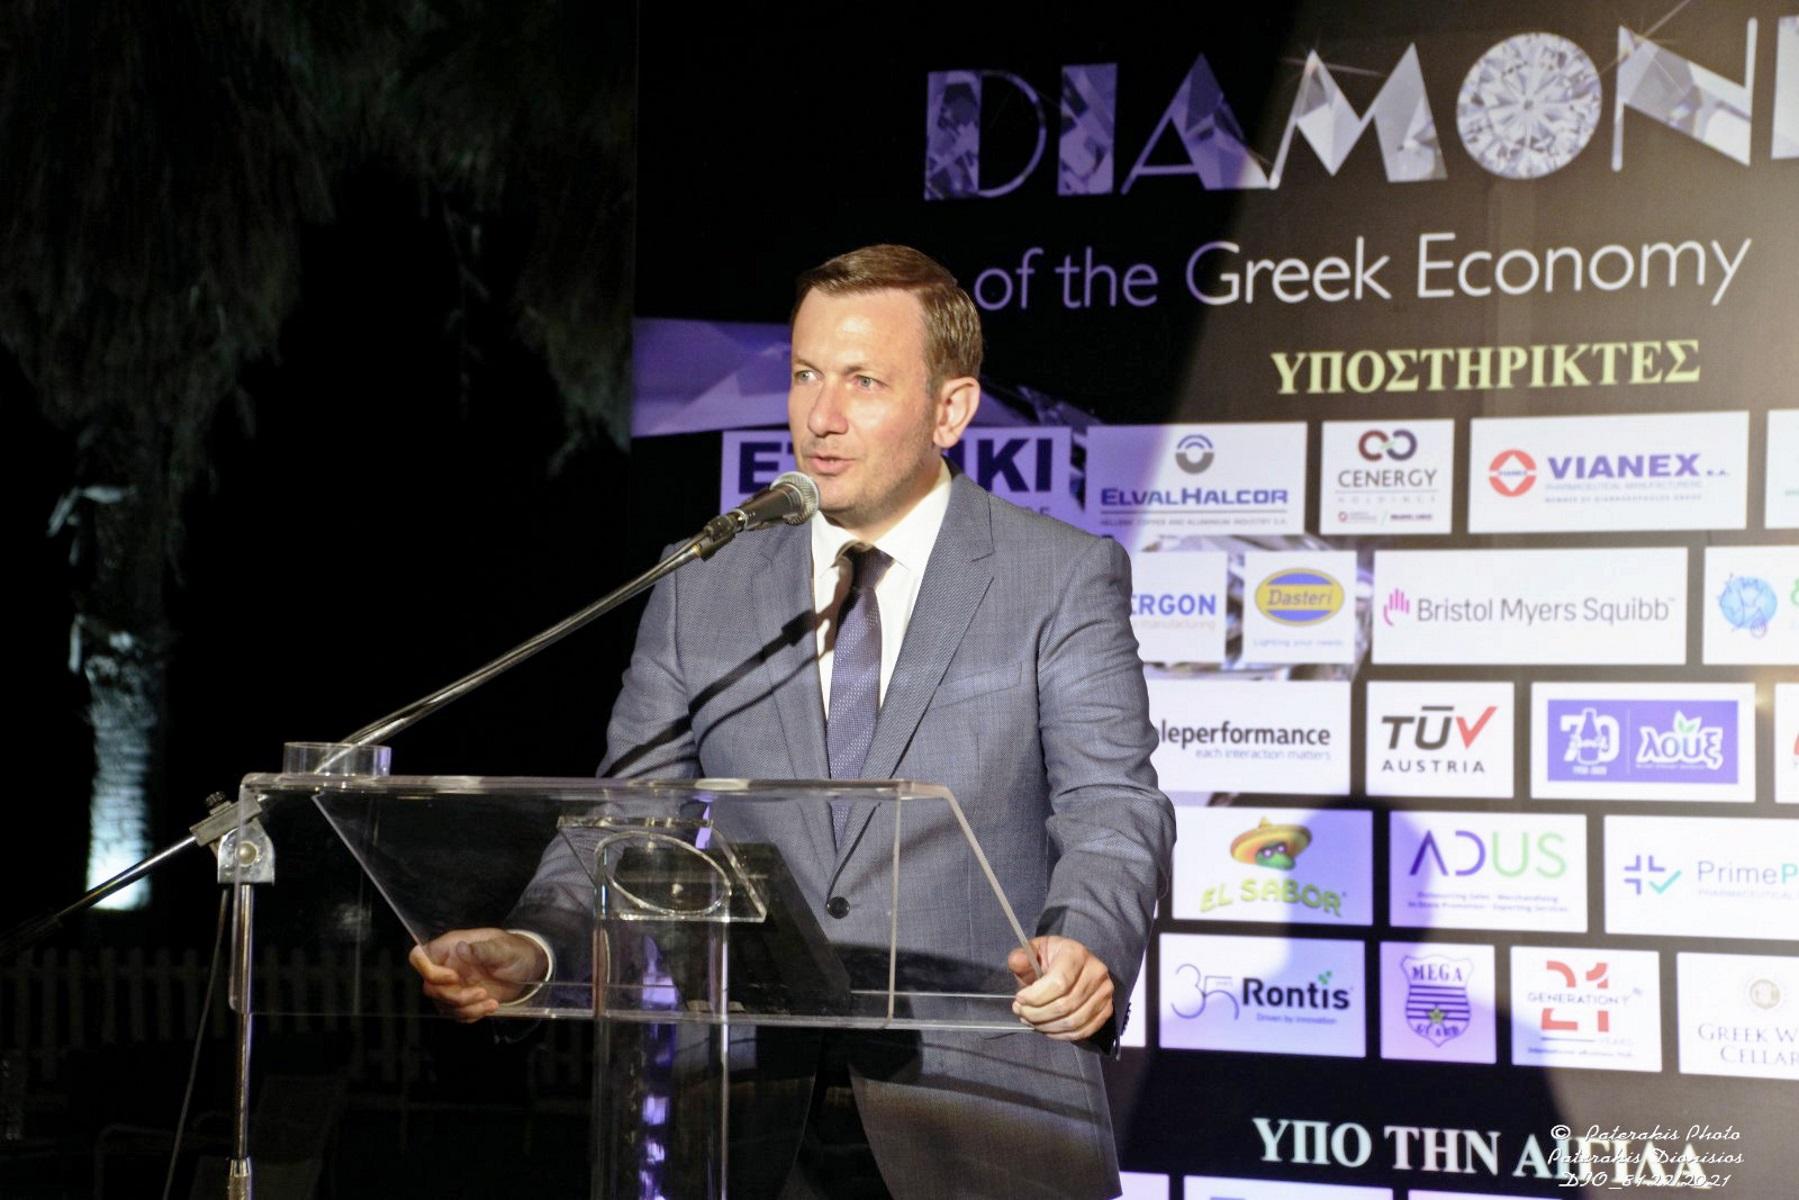 Δίρφυς: Το business plan και η βράβευση ως «Διαμάντι της Ελληνικής Οικονομίας»